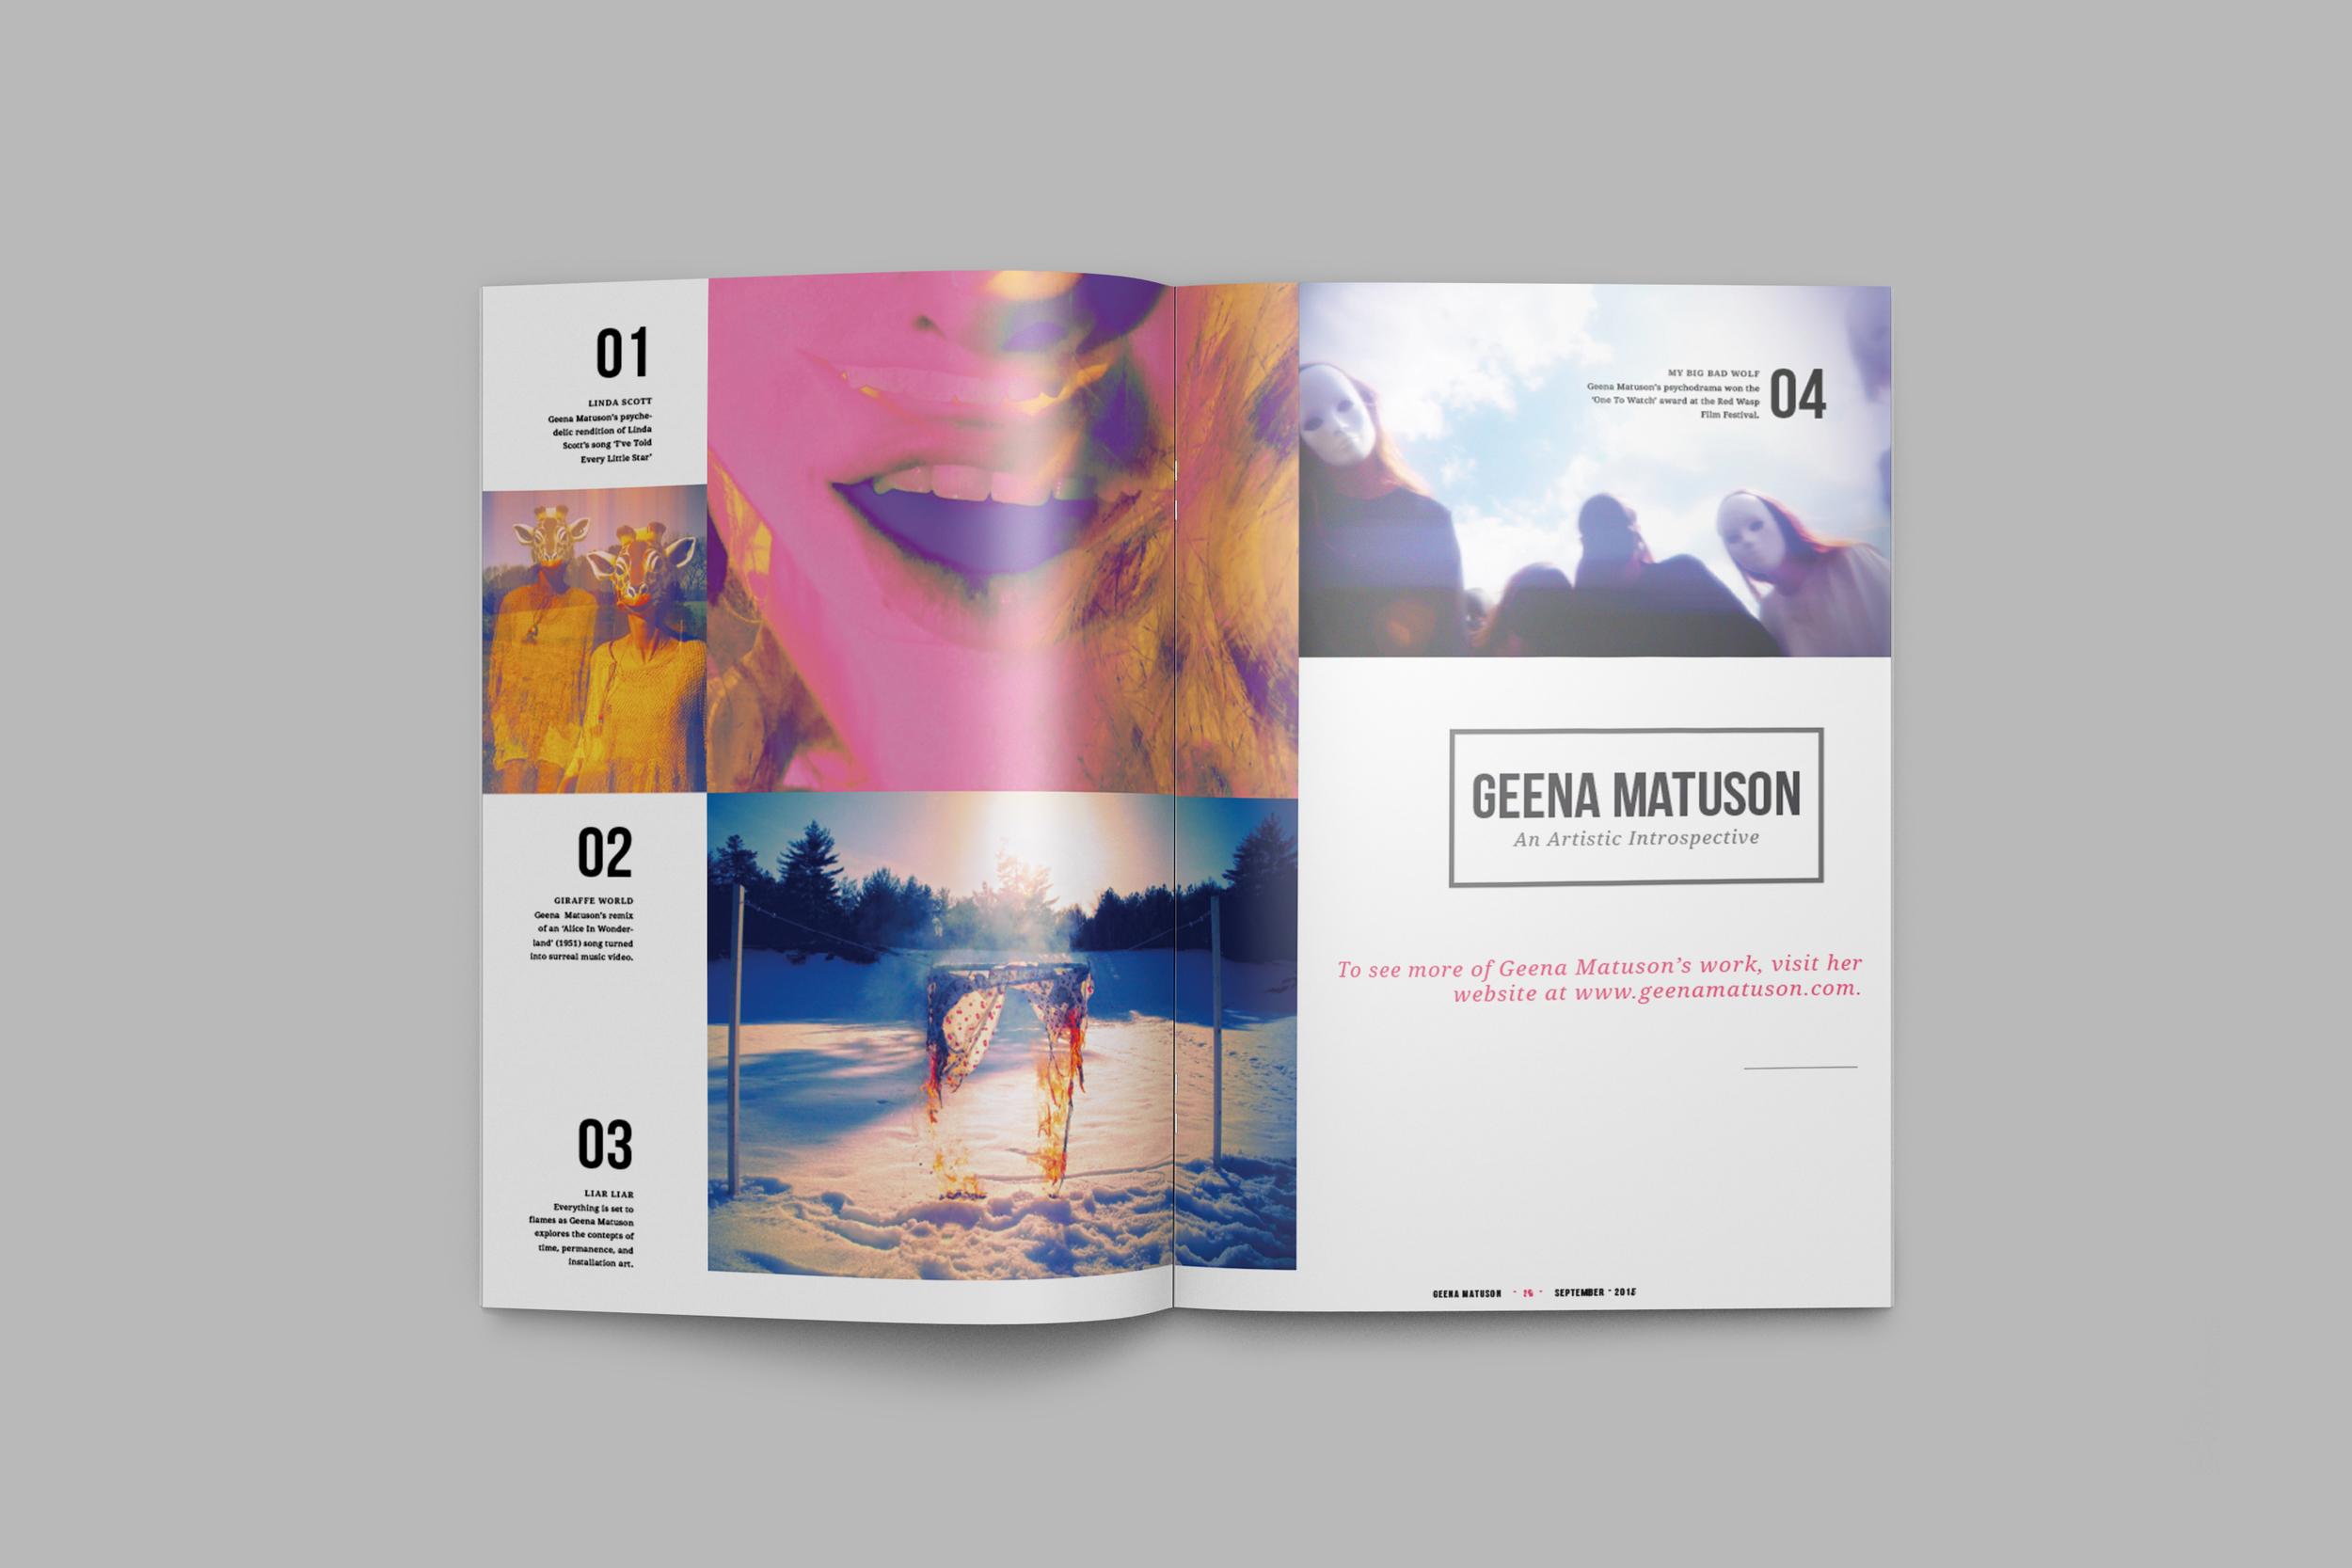 GeenaMatuson_Magazine_Sept2015_Pages_28-29.jpg